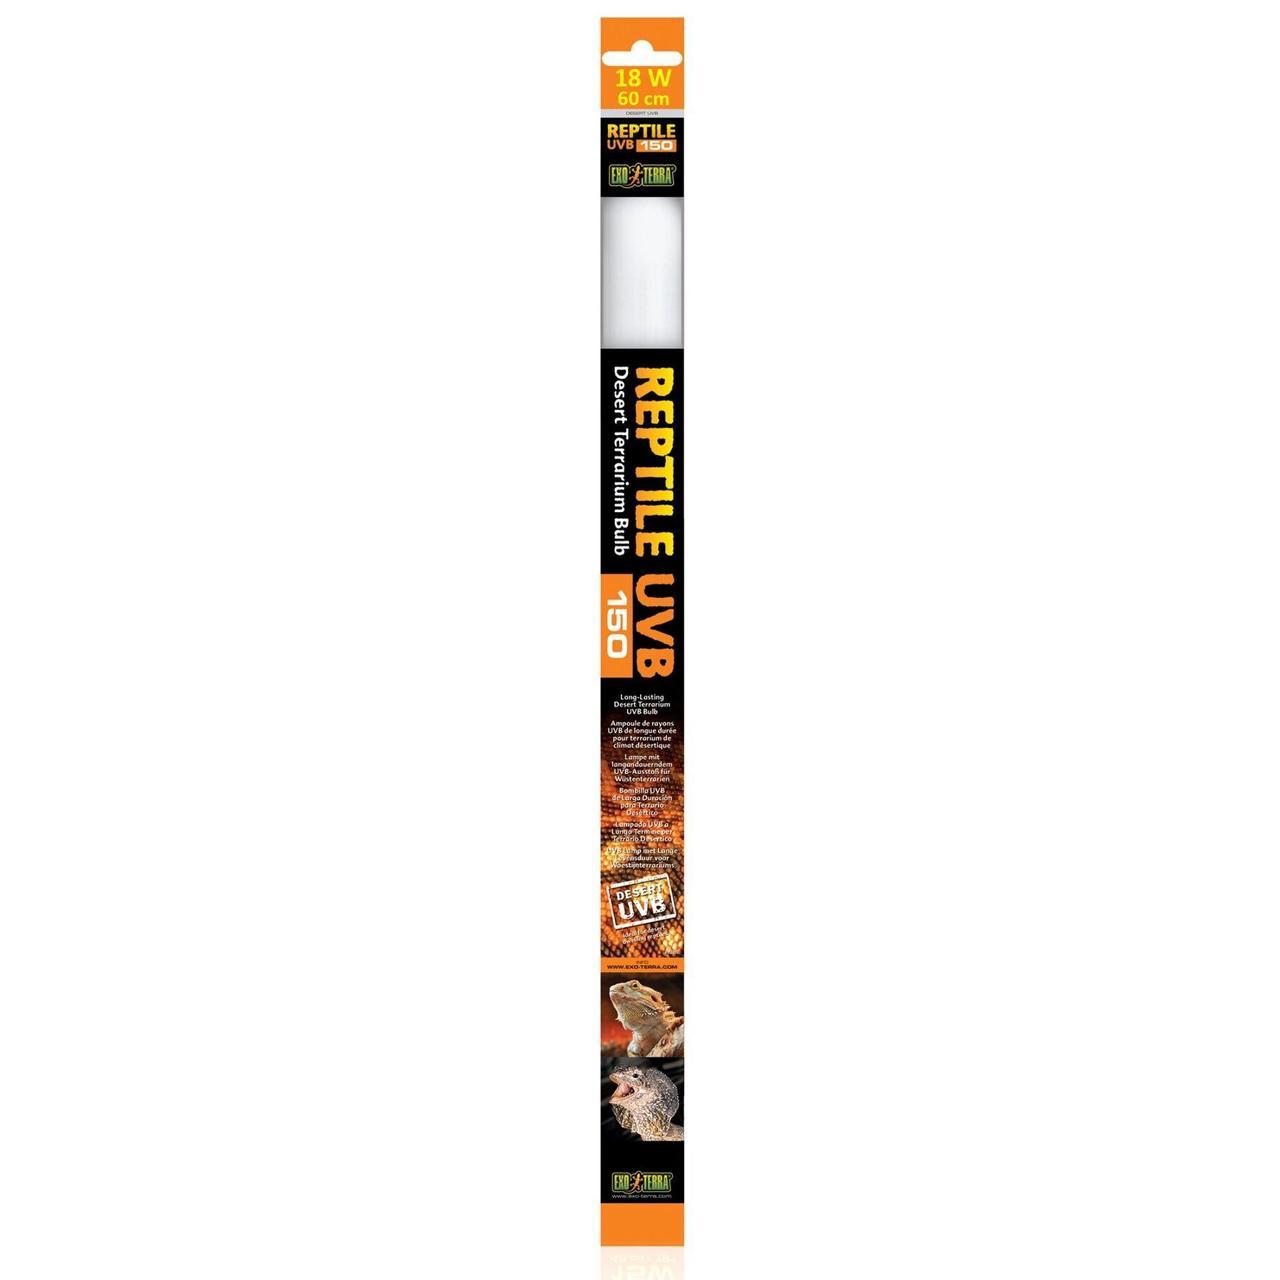 Люминесцентная лампа Exo Terra Reptile UVB 150 для облучения лучами УФ-В спектра 18 W, 60 см, T8 для